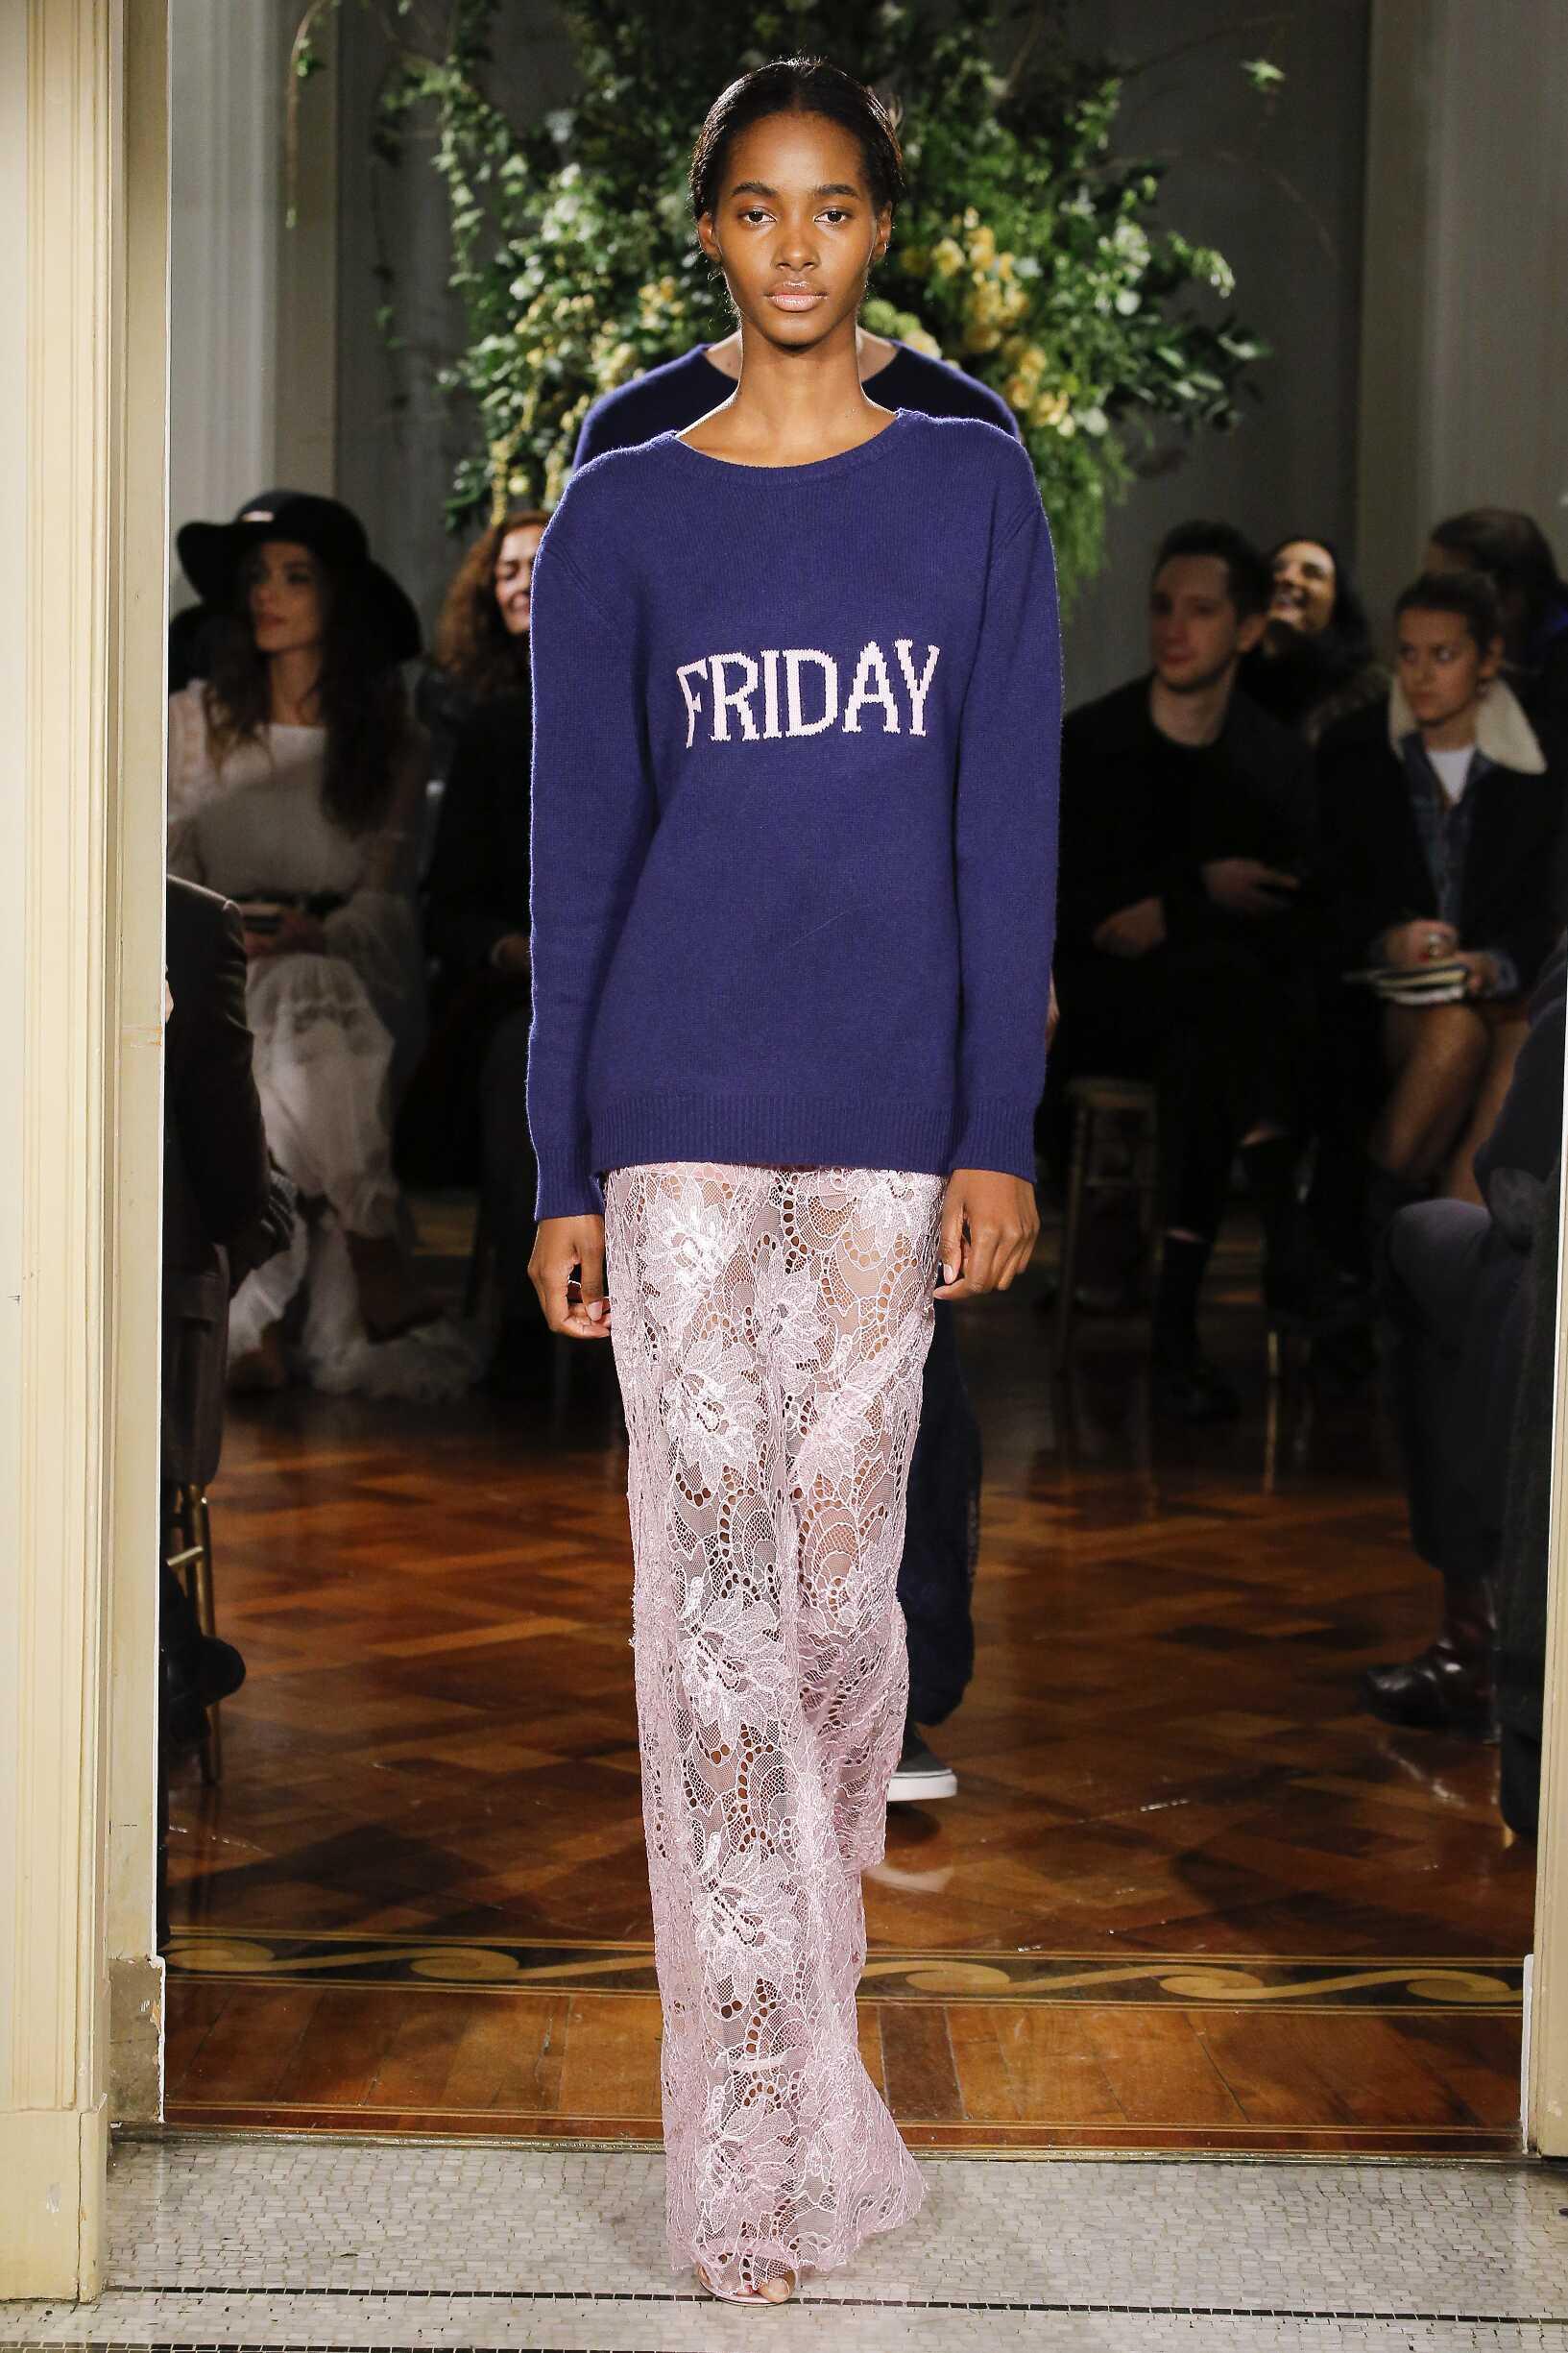 2017 Fashion Trends Alberta Ferretti Rainbow Collection